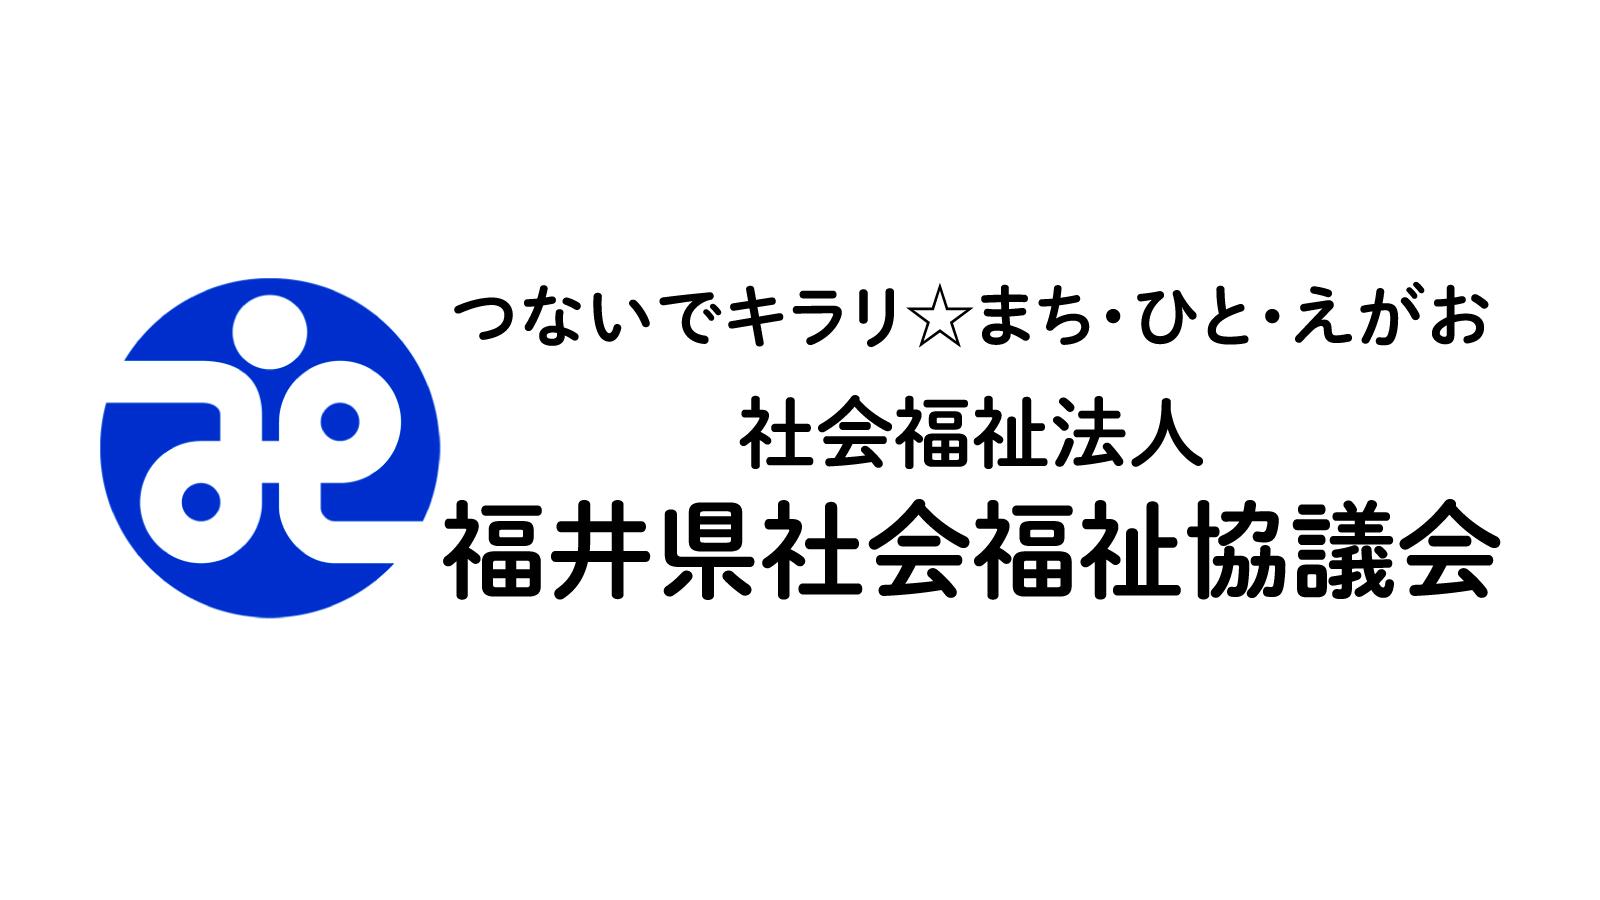 株式会社ソワニエ